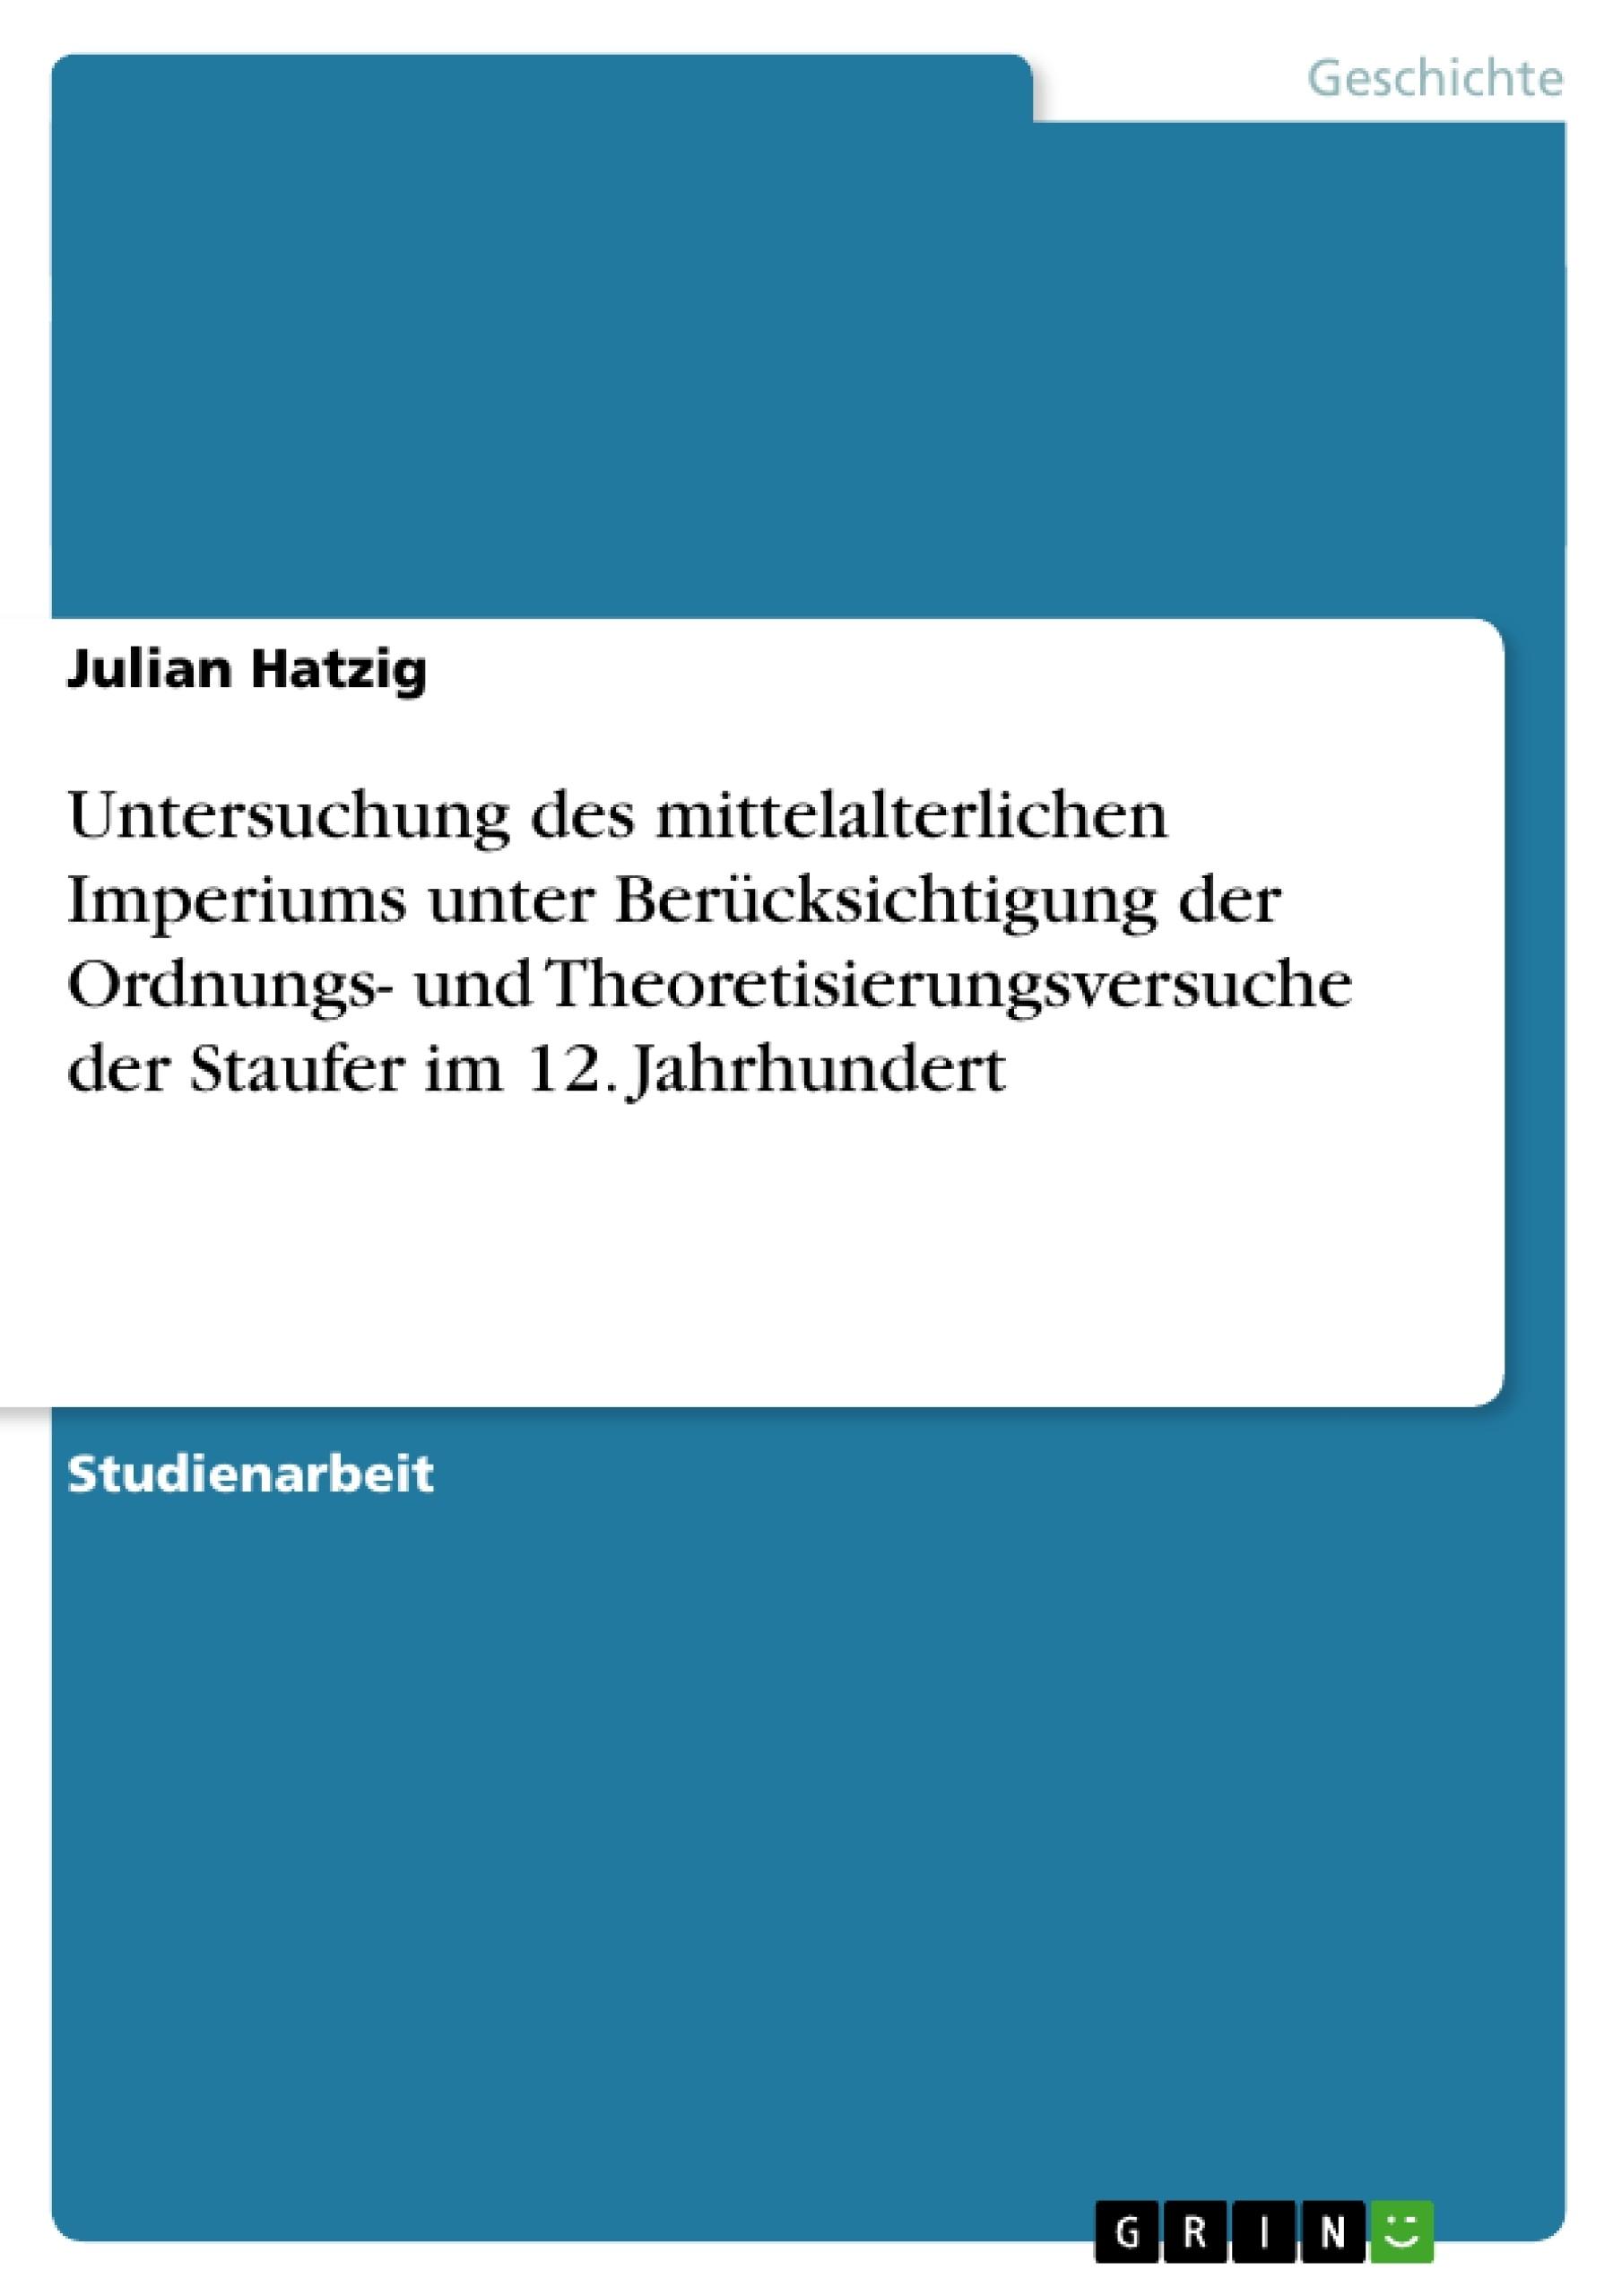 Titel: Untersuchung des mittelalterlichen Imperiums unter Berücksichtigung der Ordnungs- und Theoretisierungsversuche der Staufer im 12. Jahrhundert